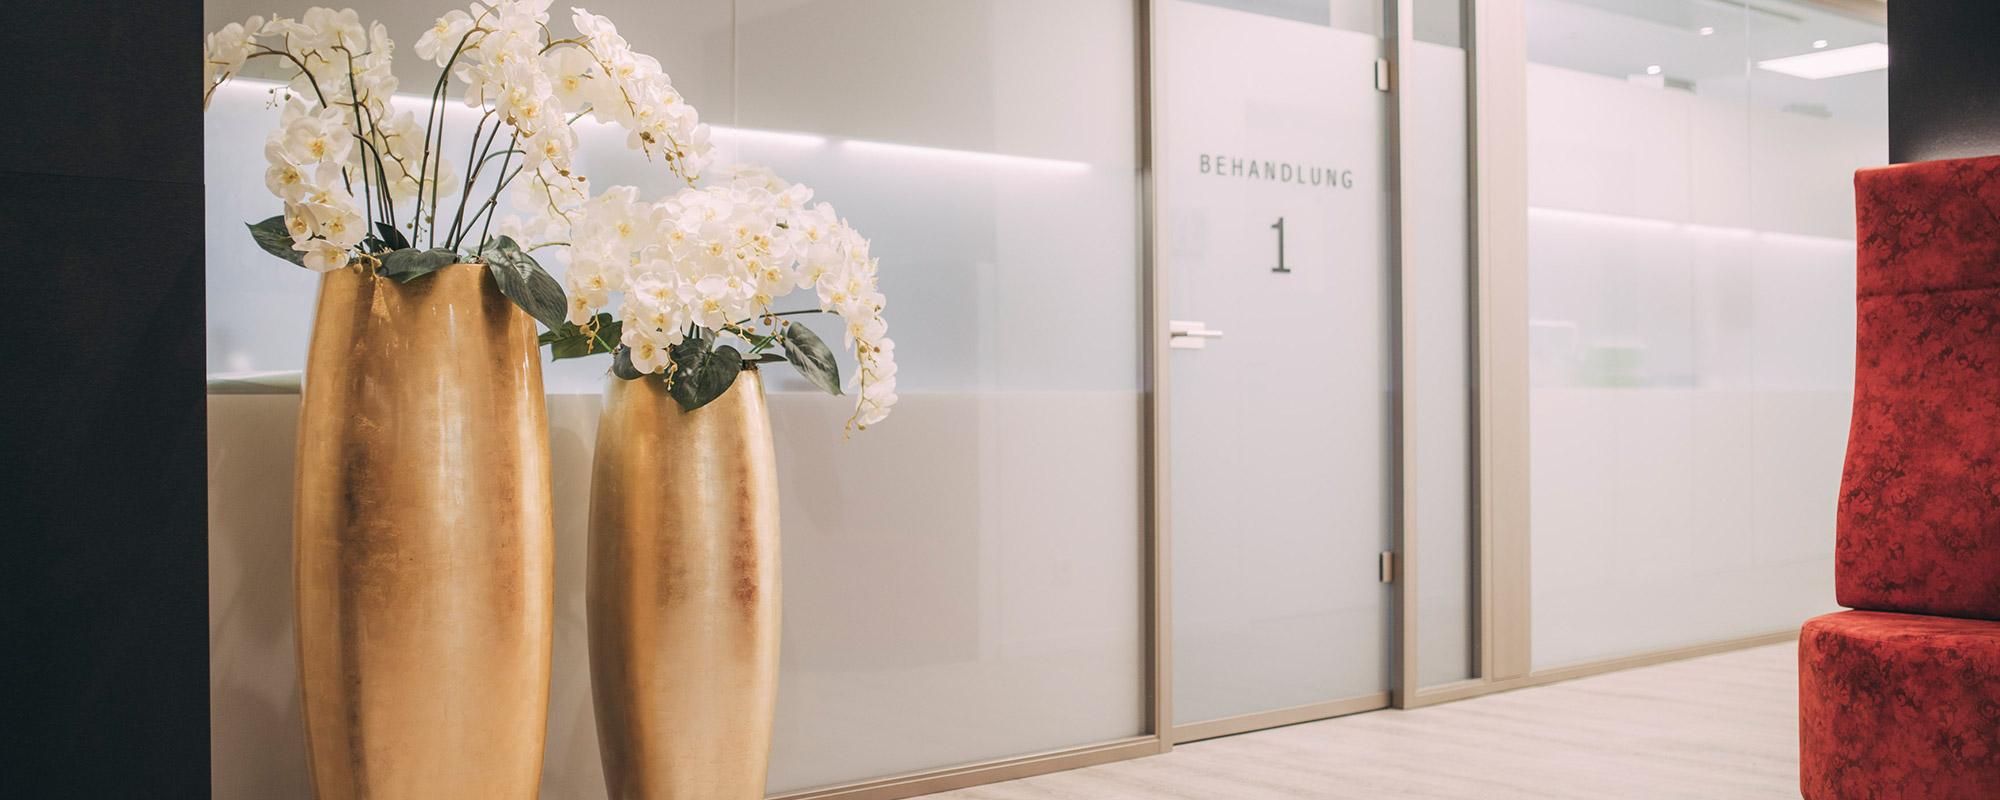 Blumenvasen für eine angenehme Atmosphäre im Medical-Center Baden-Baden.